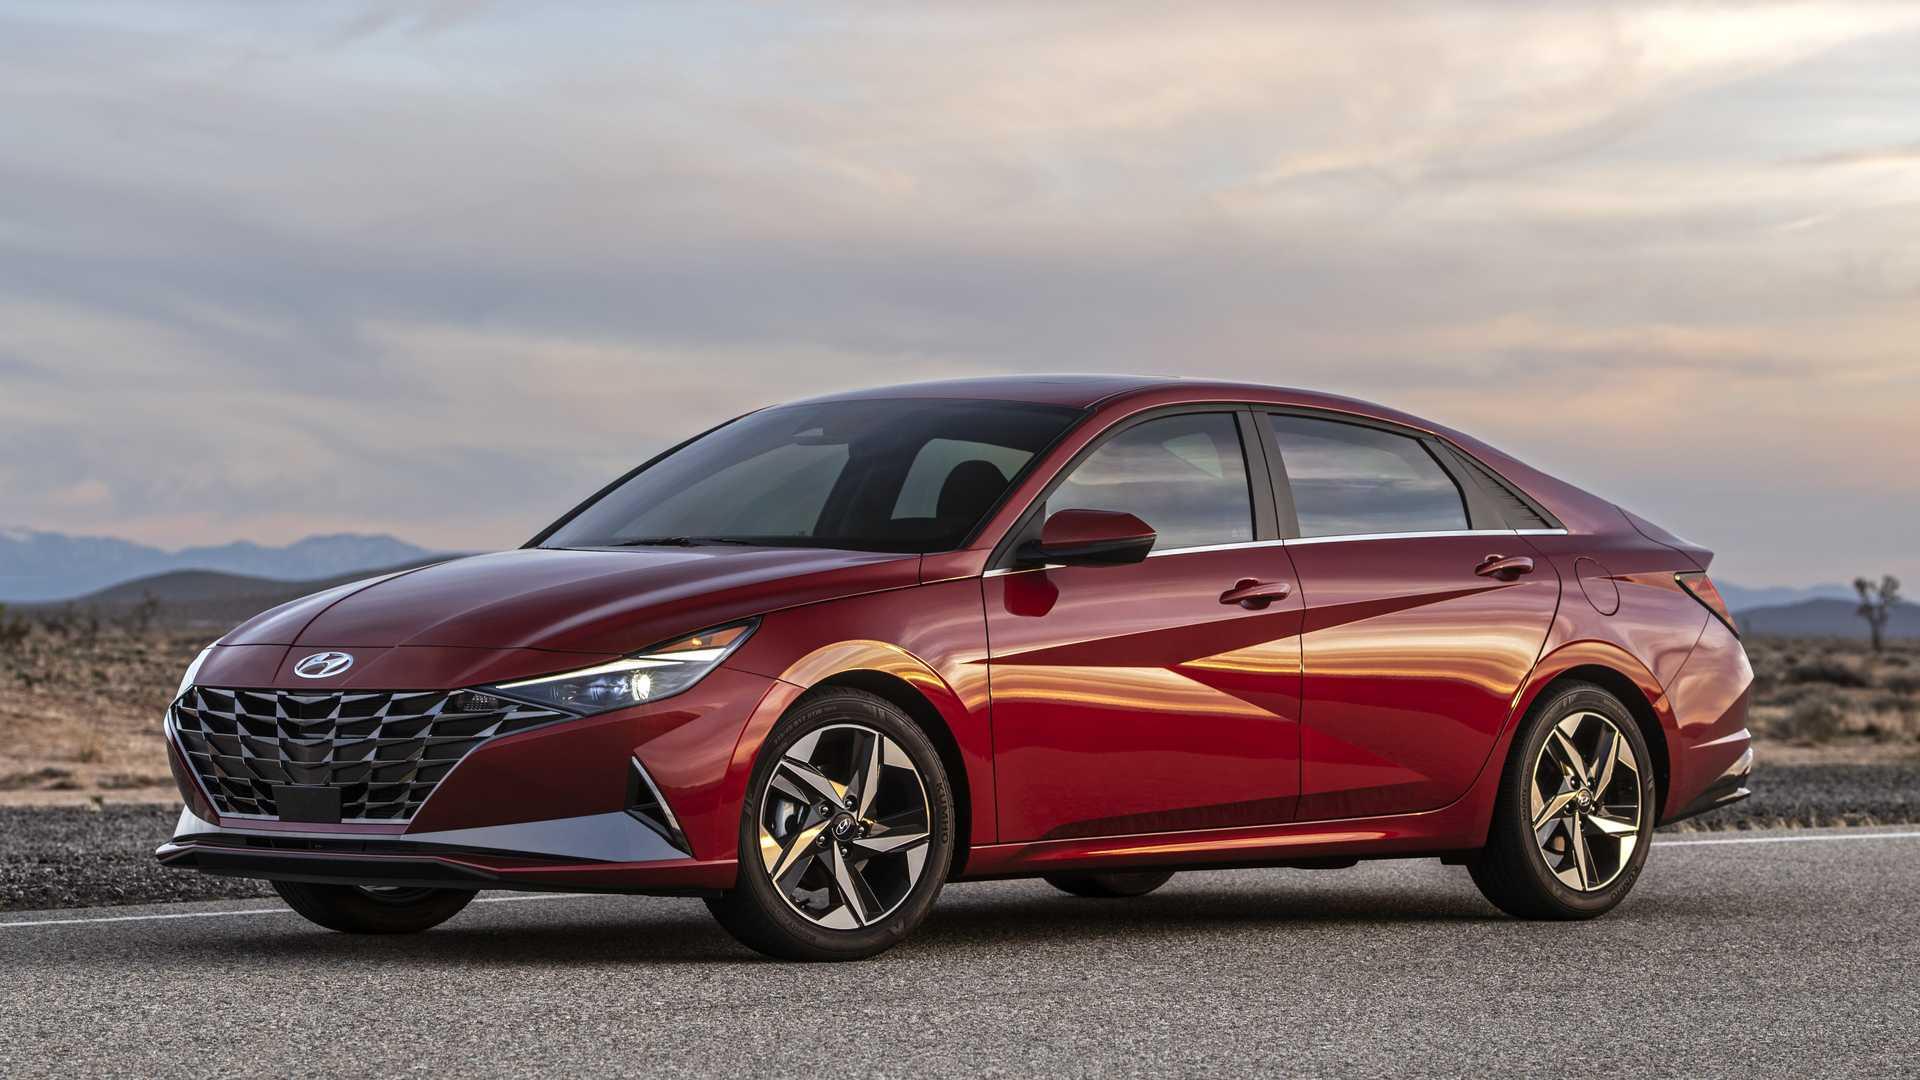 Чем является этот элемент салона нового поколения седана Hyundai?